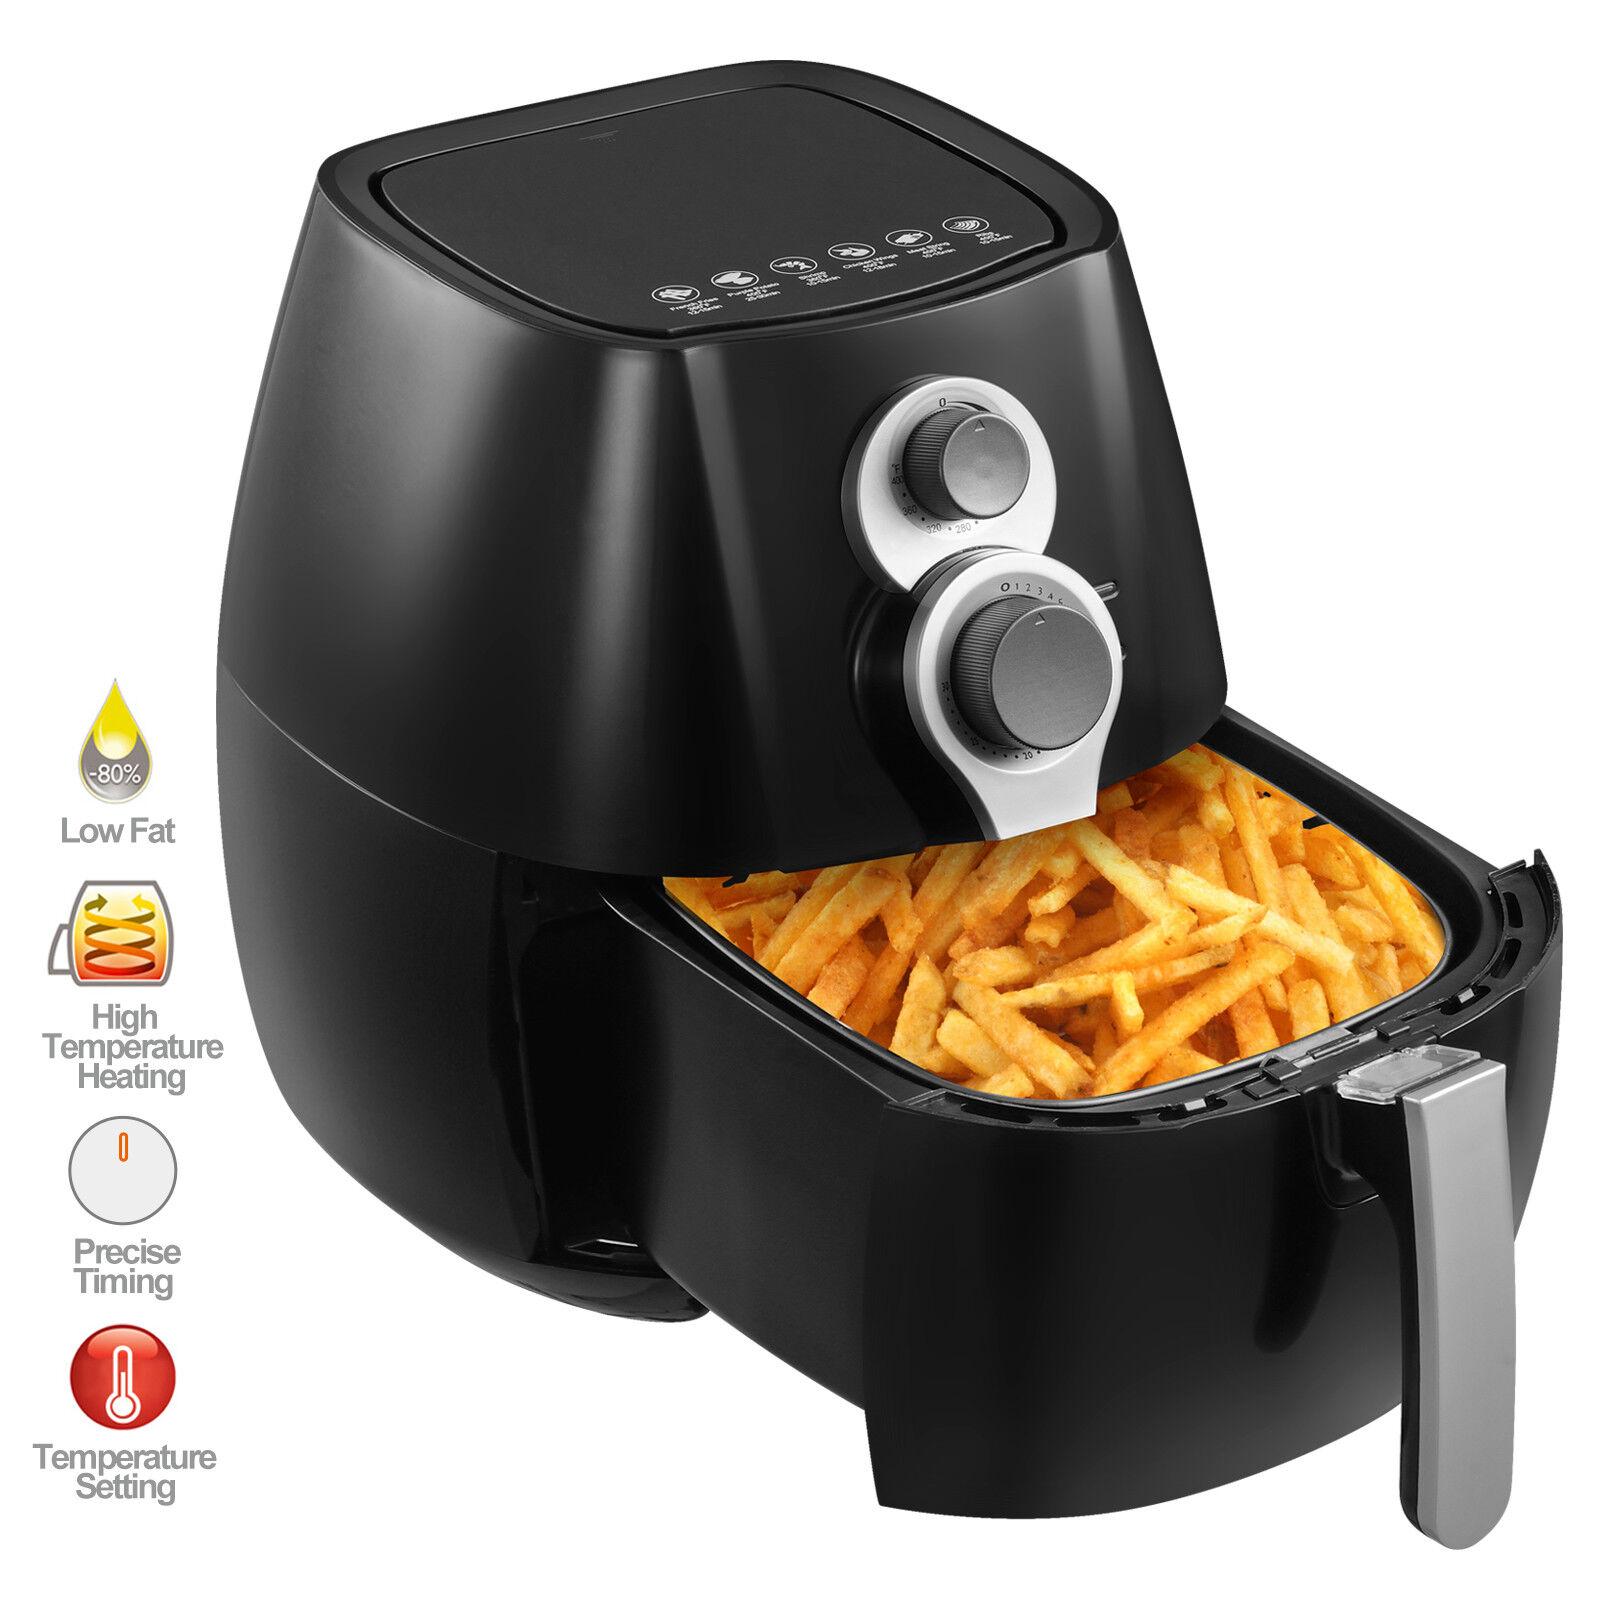 4.4QT Electric No Oil Air Fryer 6 Cooking Presets, Timer Temperature Control